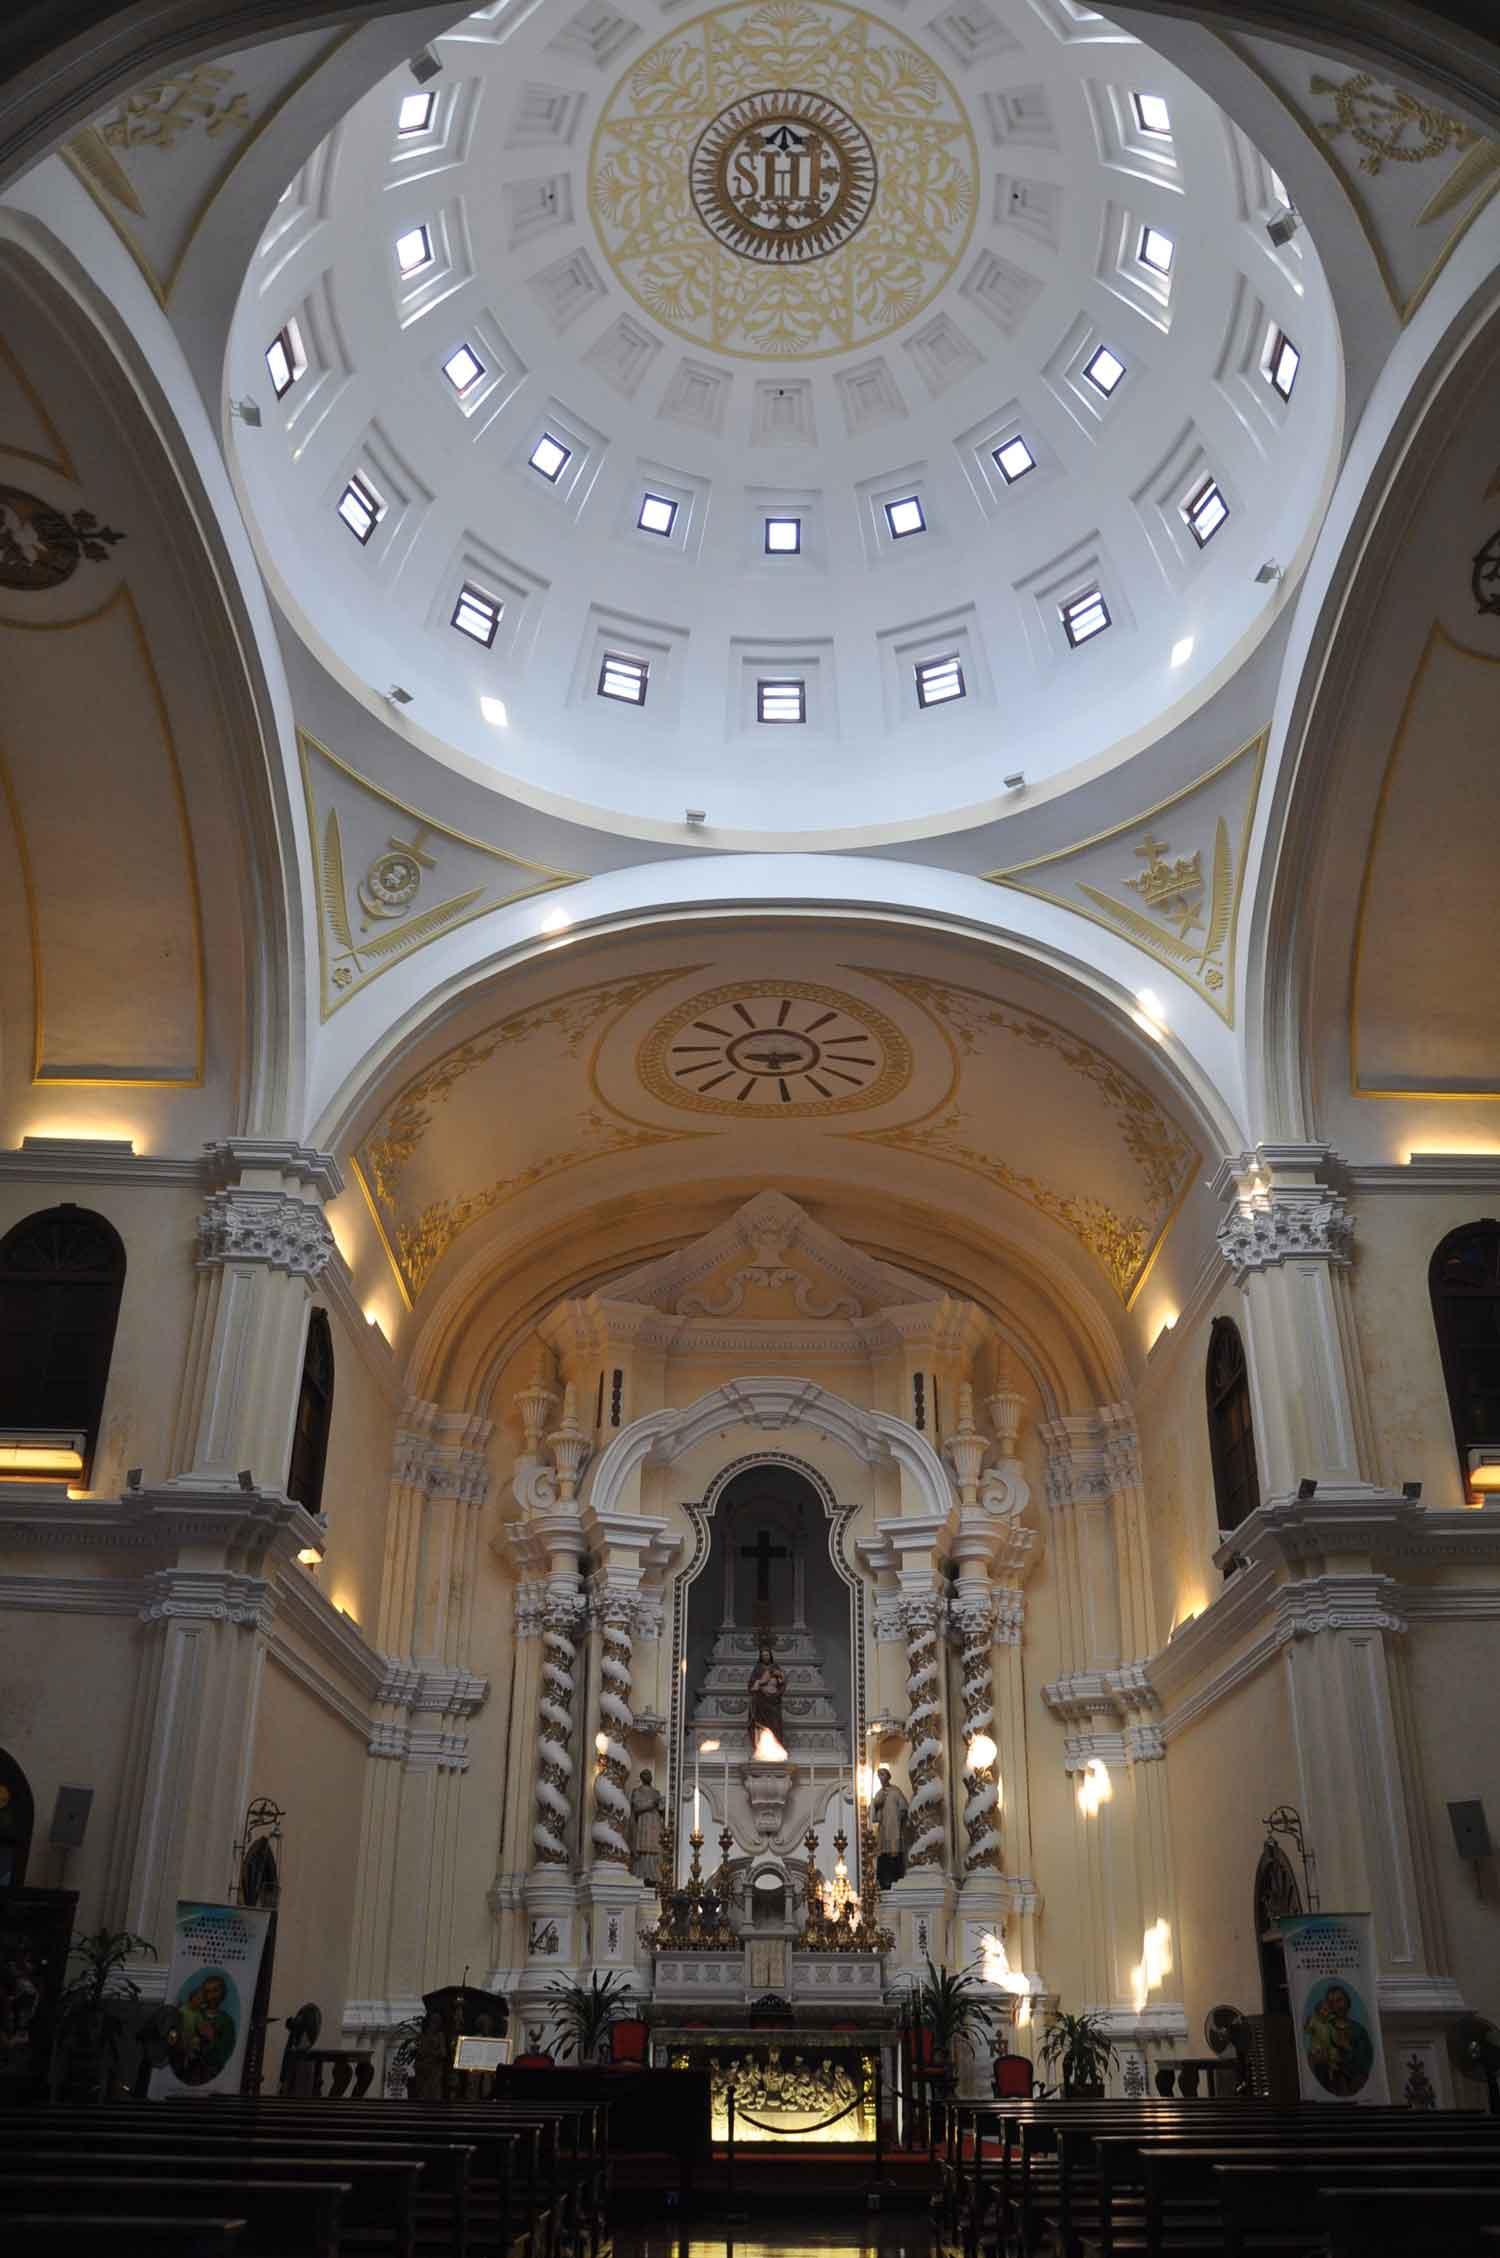 St Josephs Church Macau dome ceiling